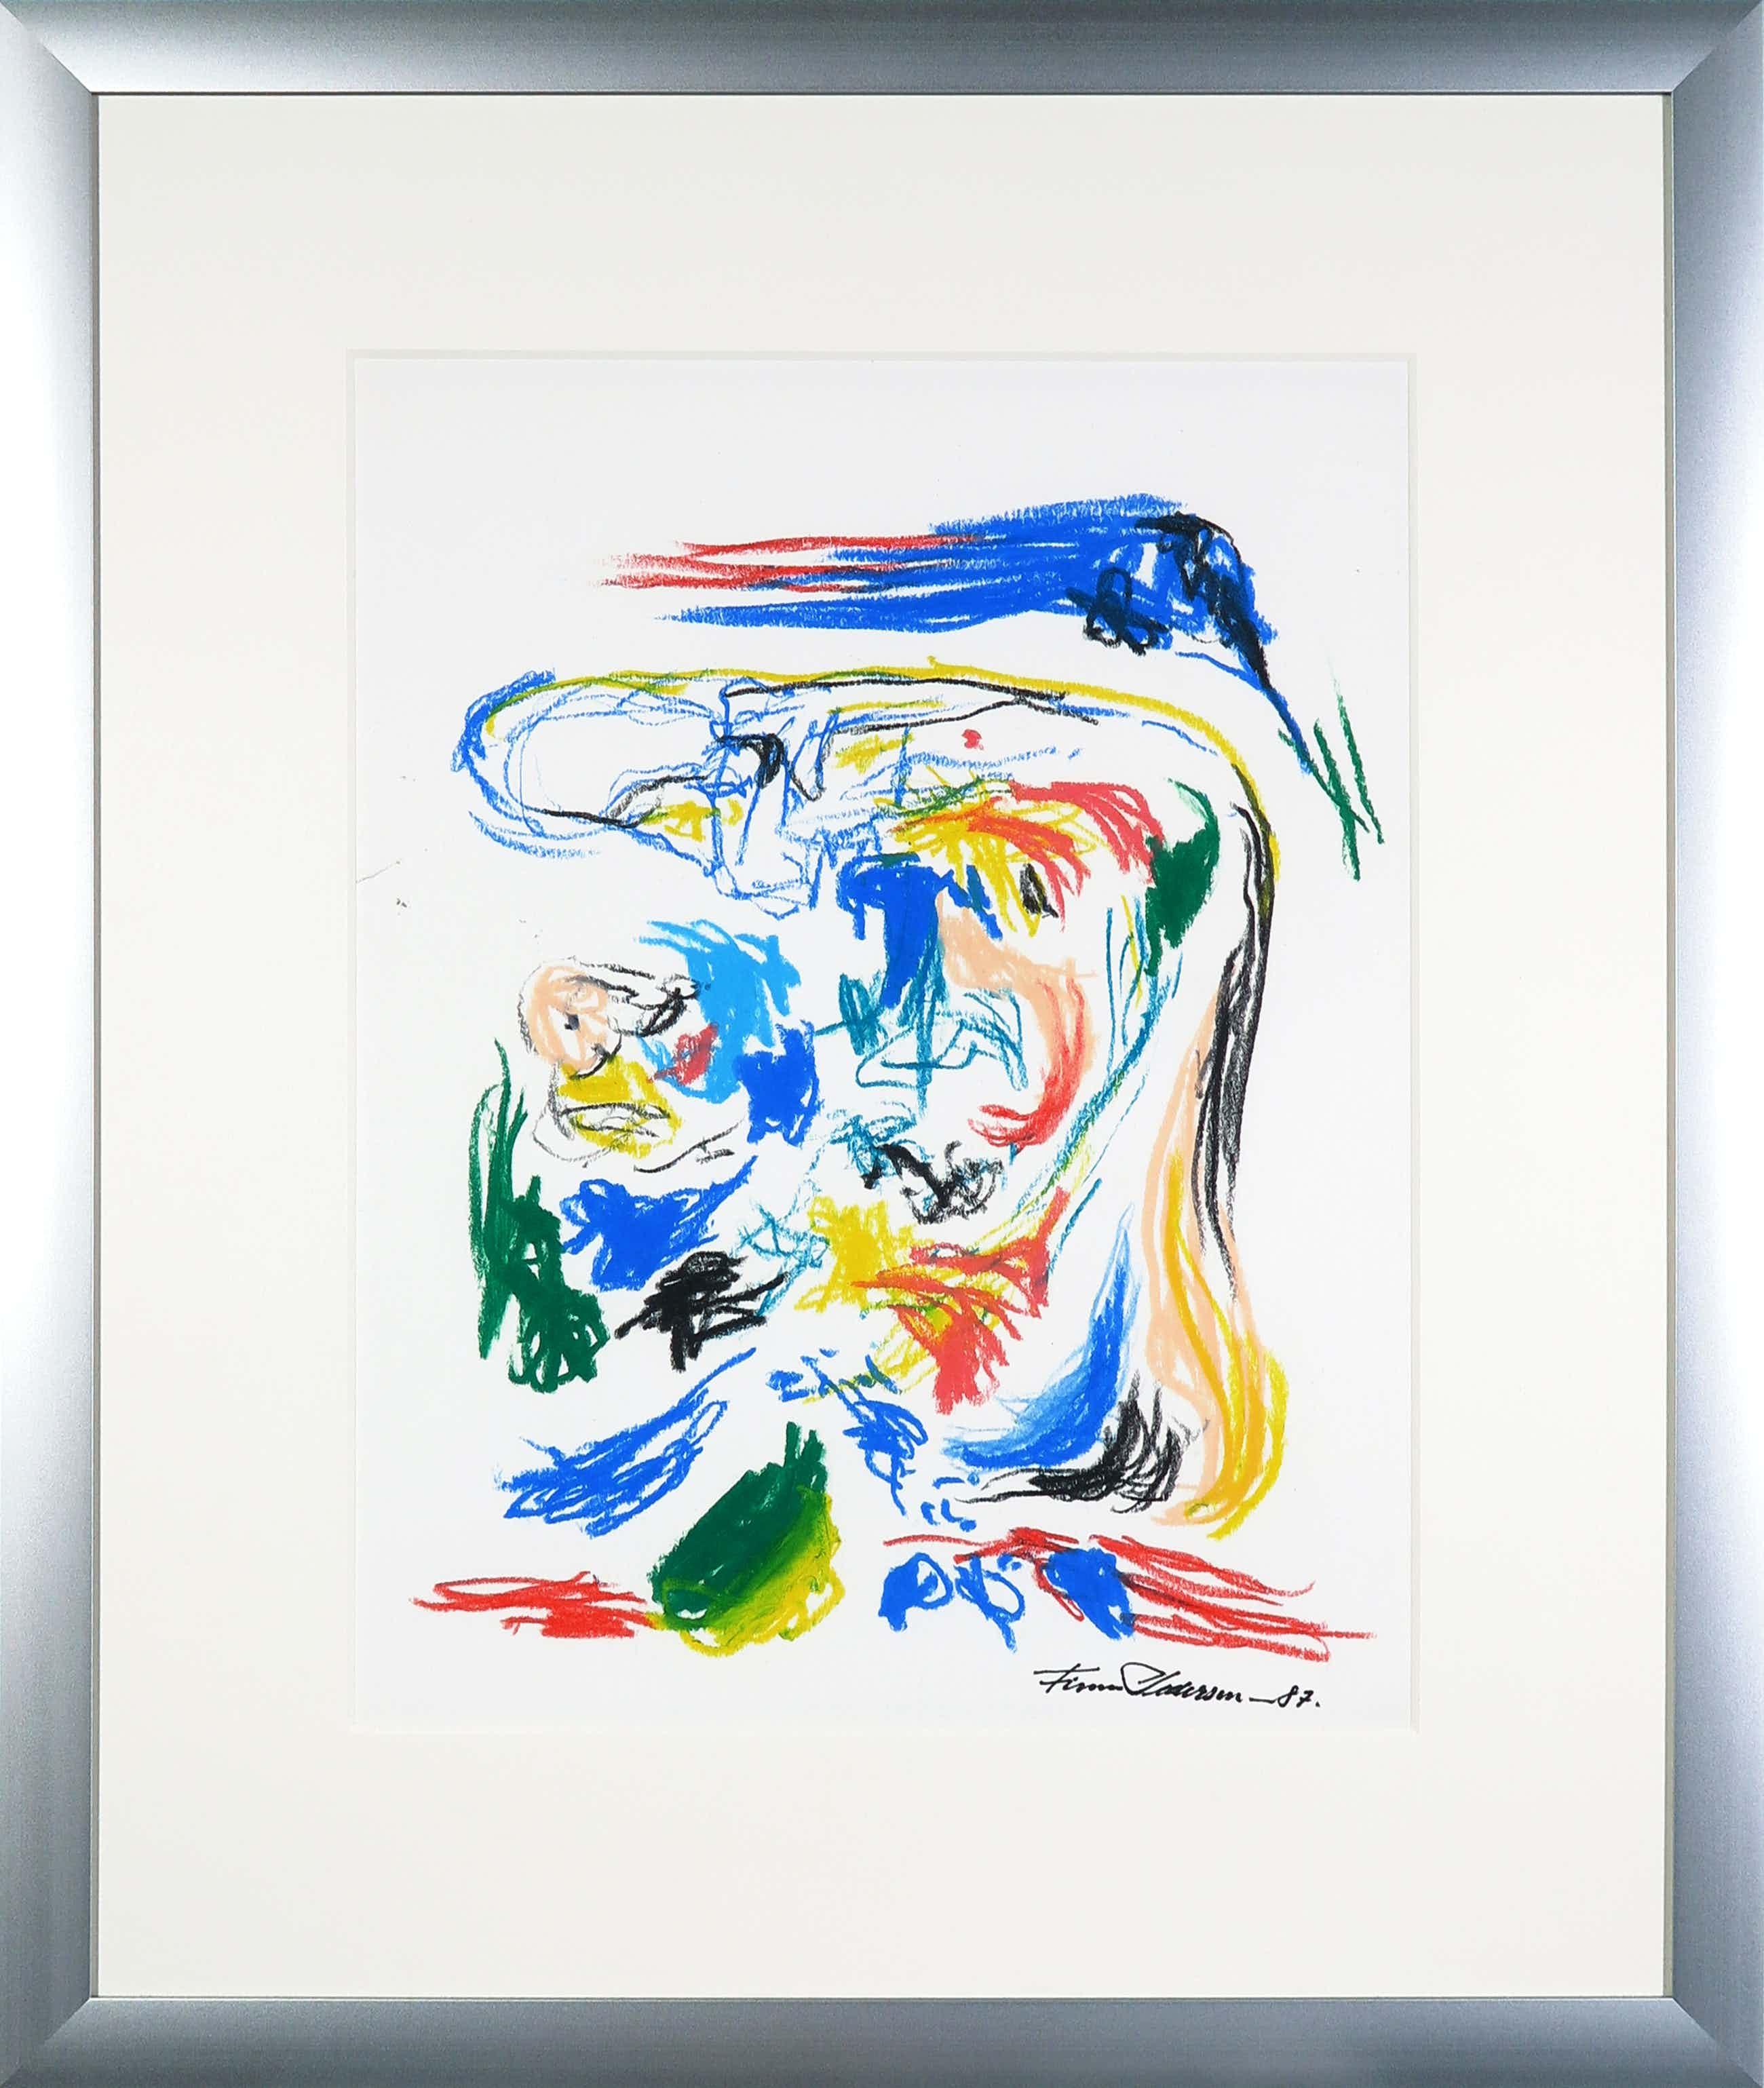 Finn Pedersen - Abstracte compositie in pastelkrijt - Ingelijst kopen? Bied vanaf 190!